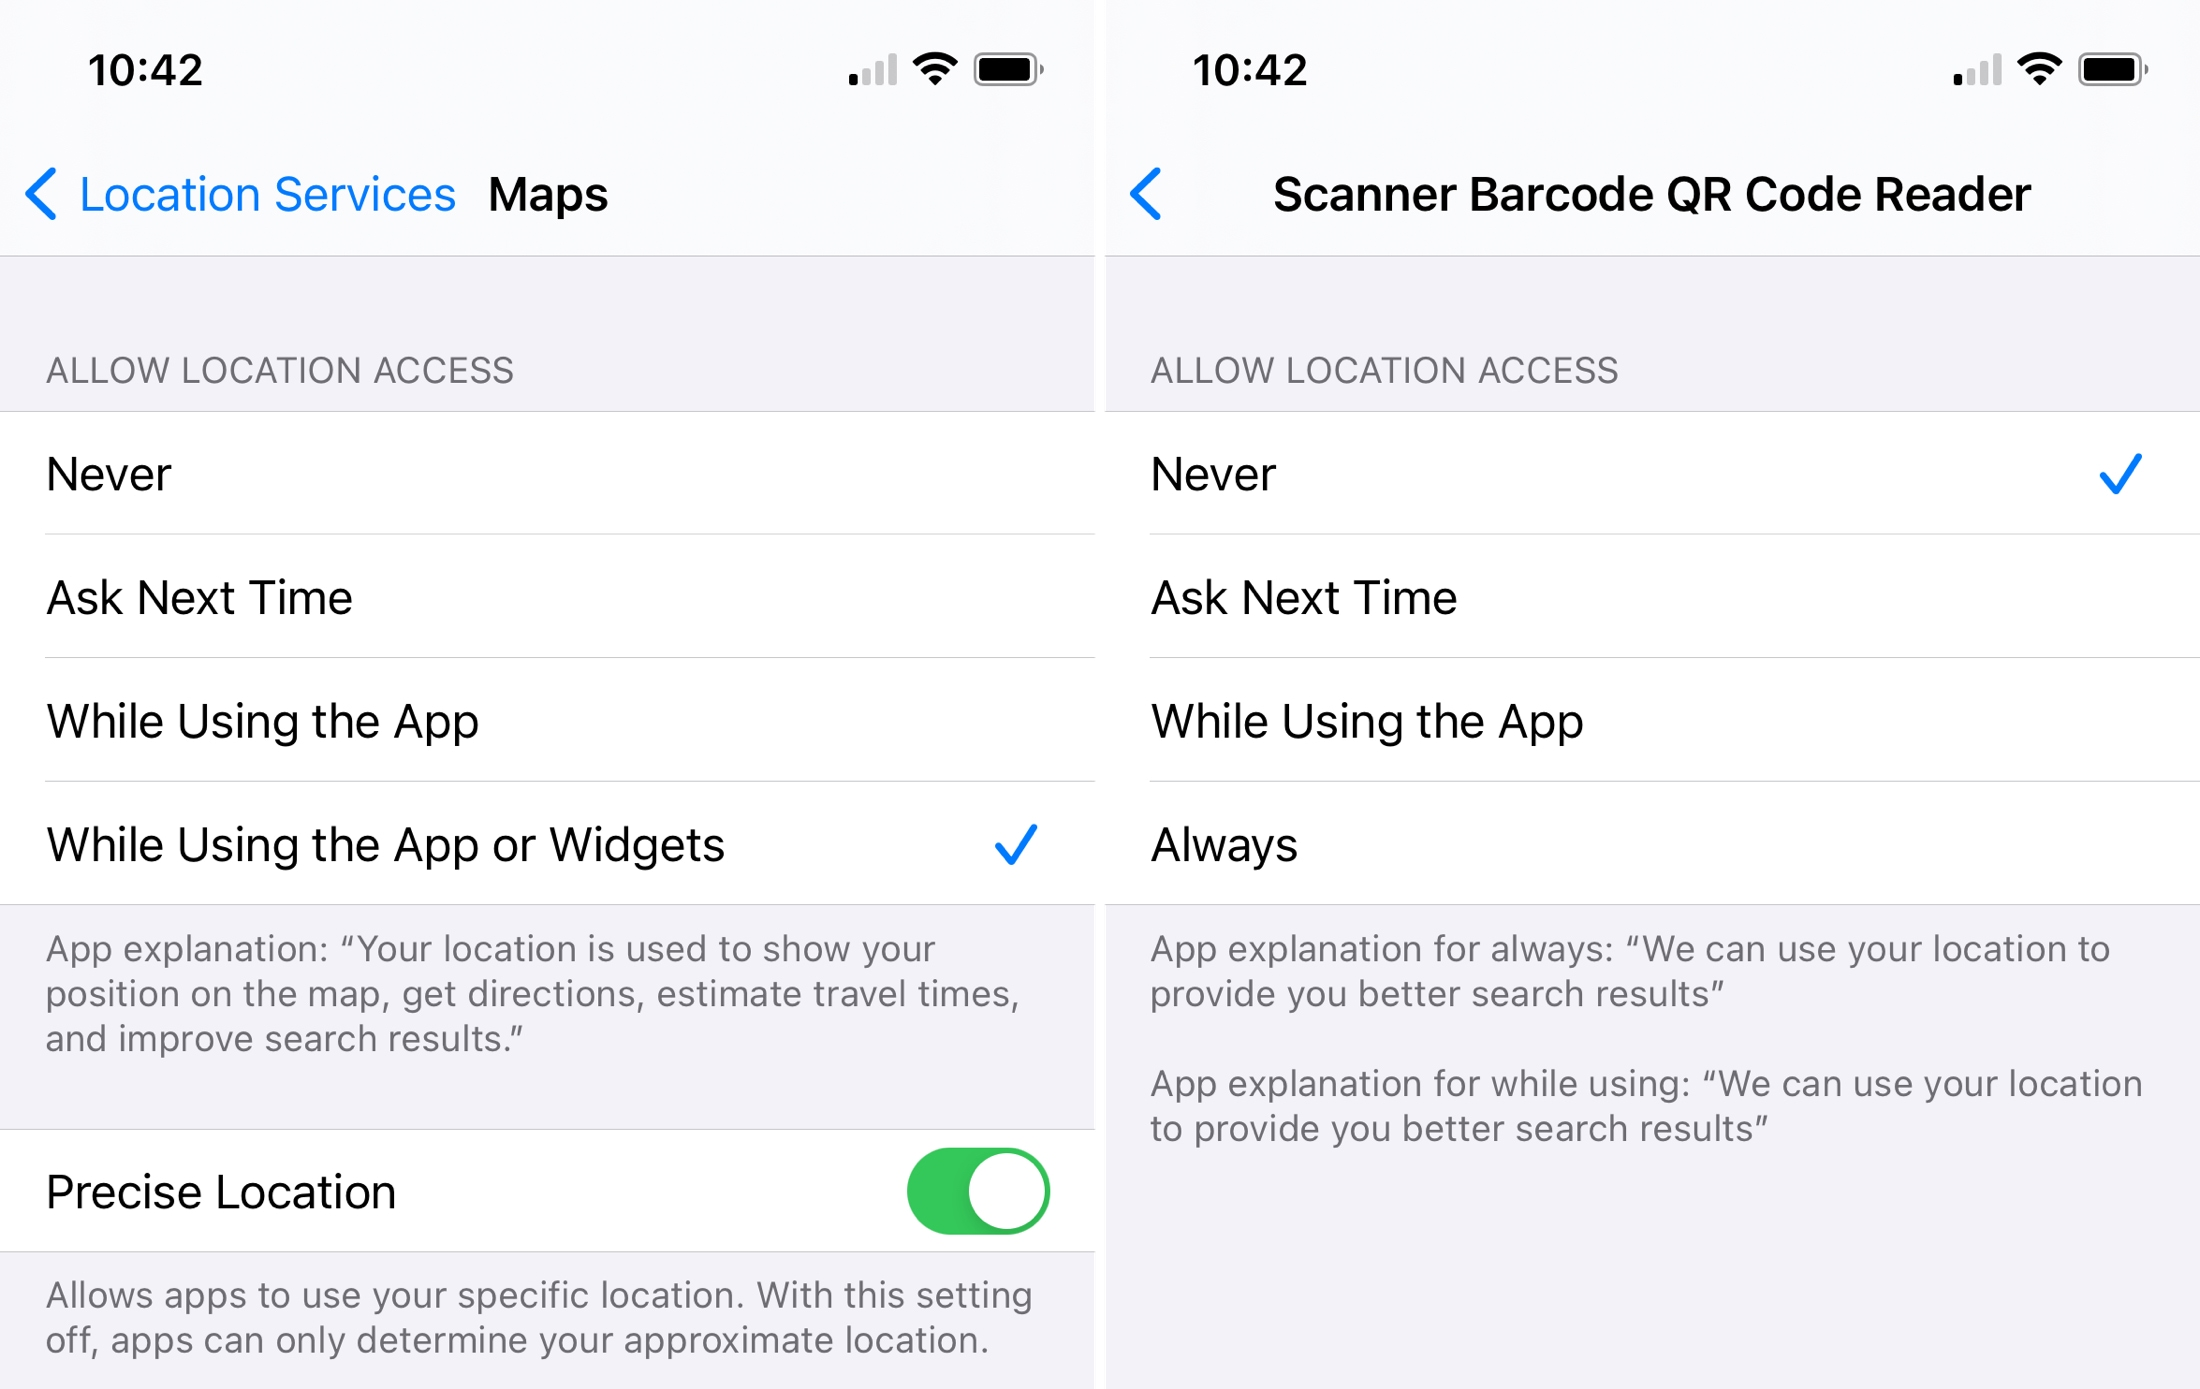 Location Settings Per App